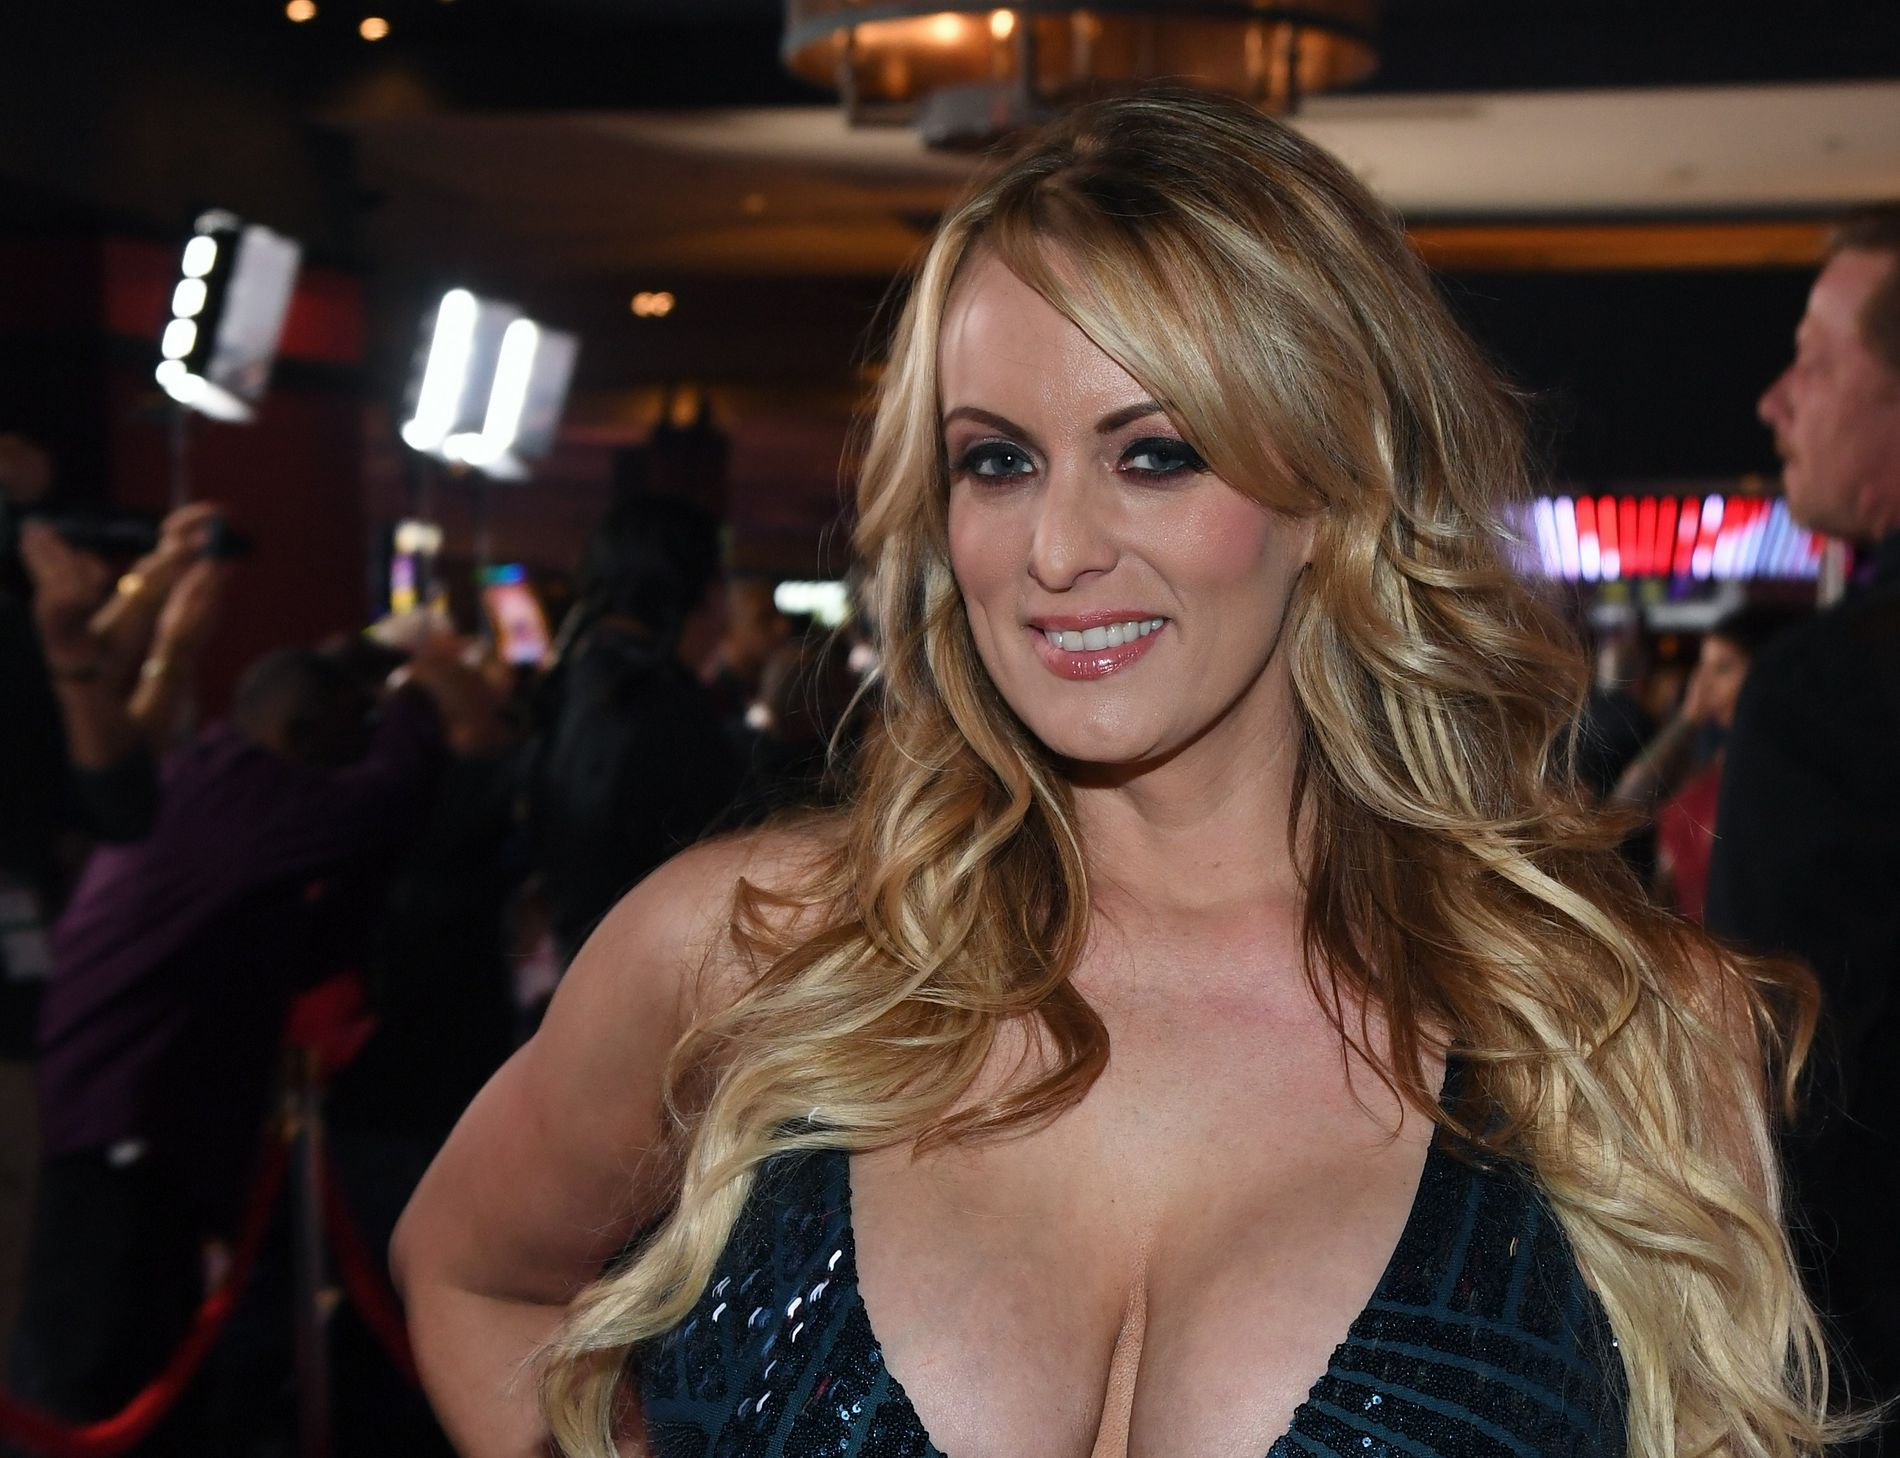 SAKSØKER: Pornoskuespiller Stormy Daniels - her på et bilde fra Las Vegas i januar.